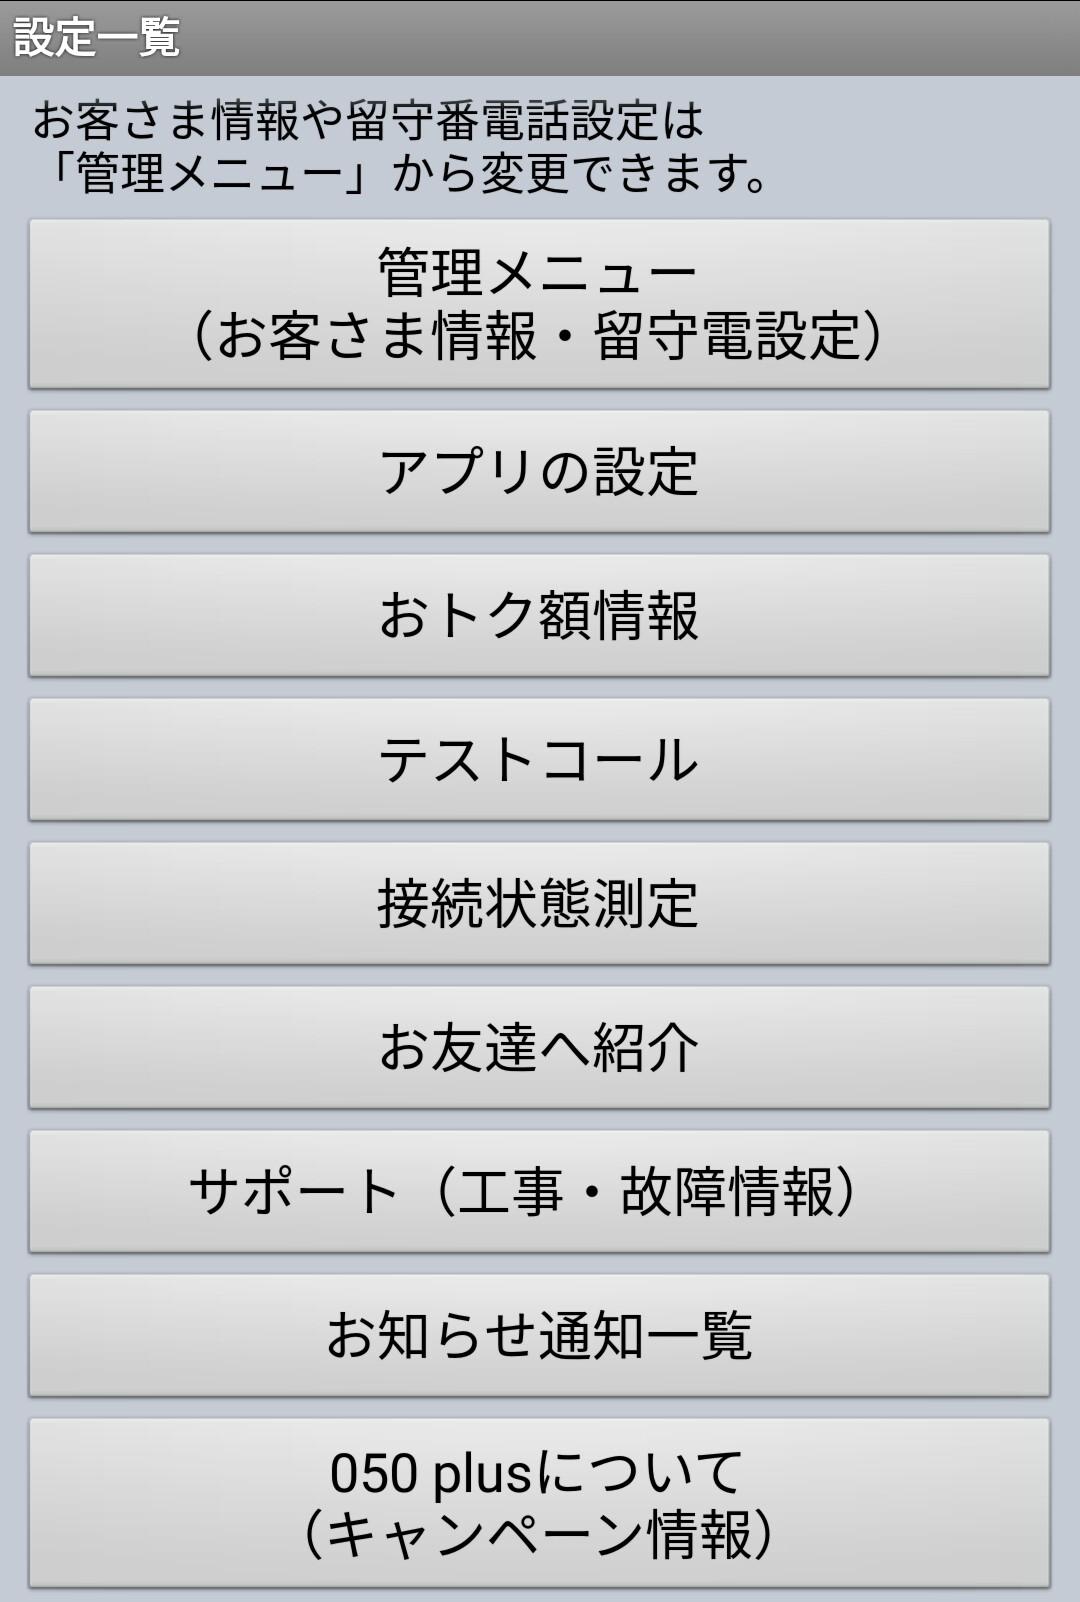 f:id:etenatsu:20161030124250j:image:w300